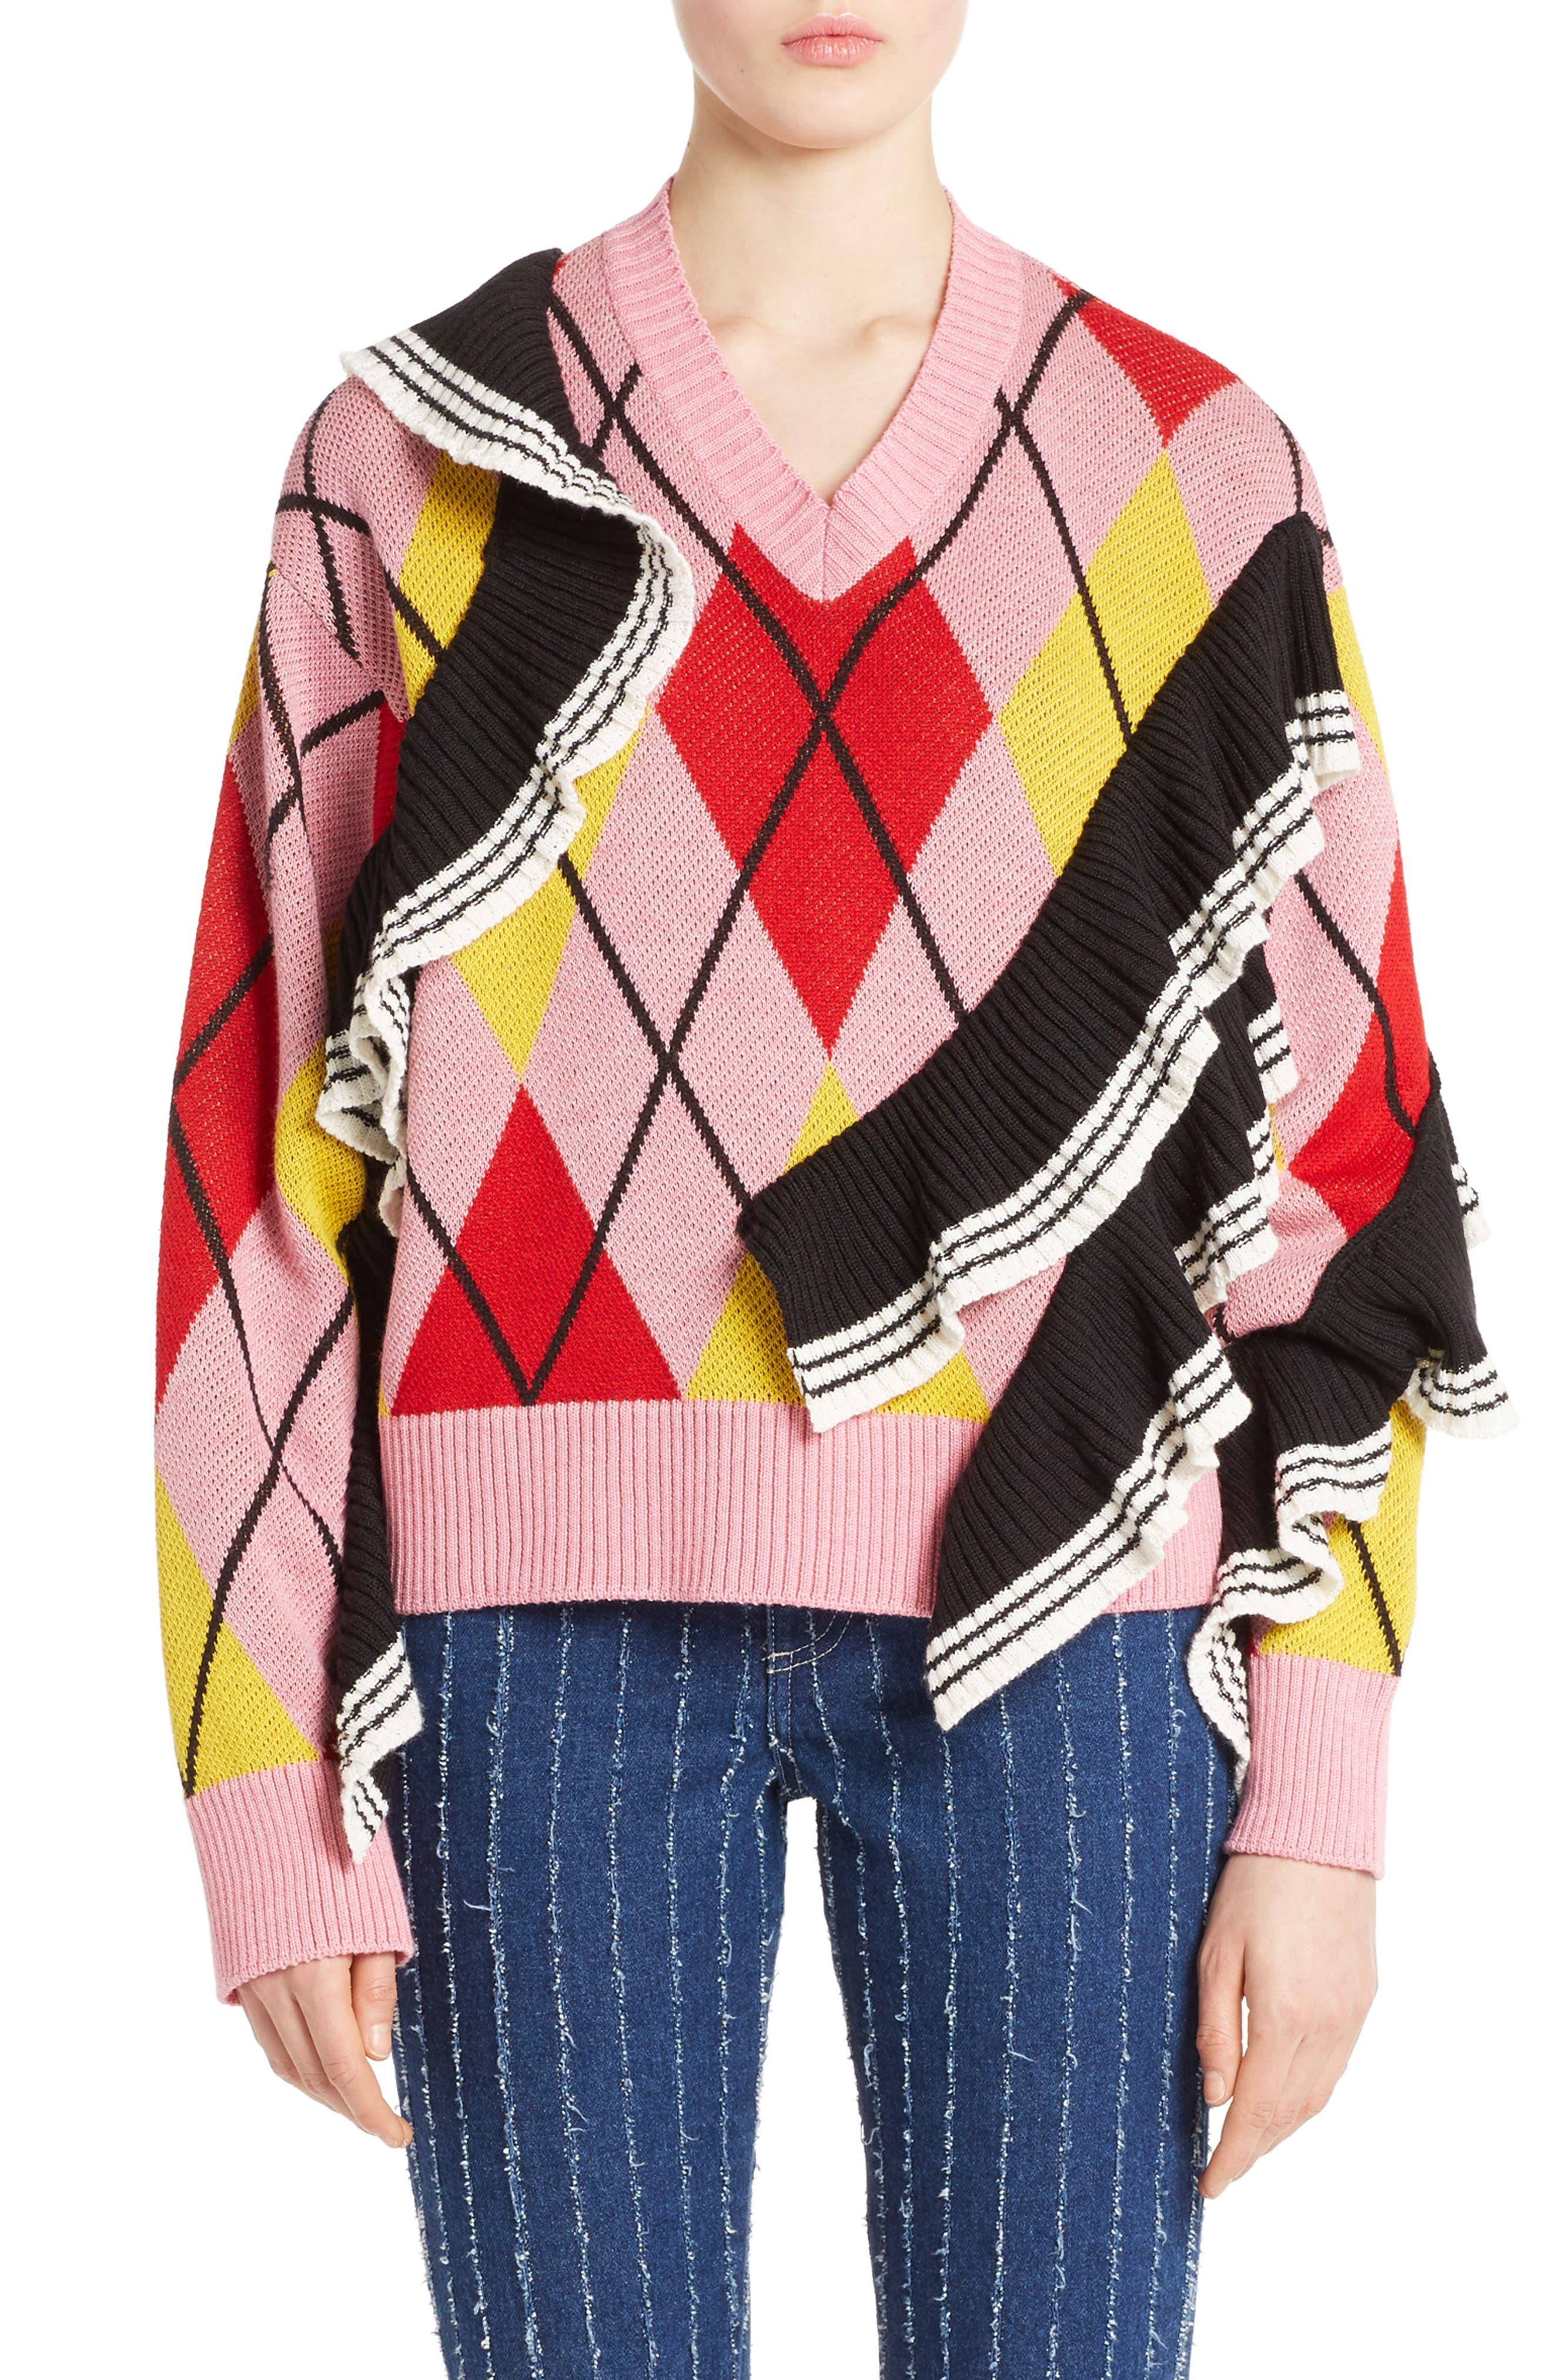 Alternate Image 1 Selected - MSGM Argyle Ruffle Sweater